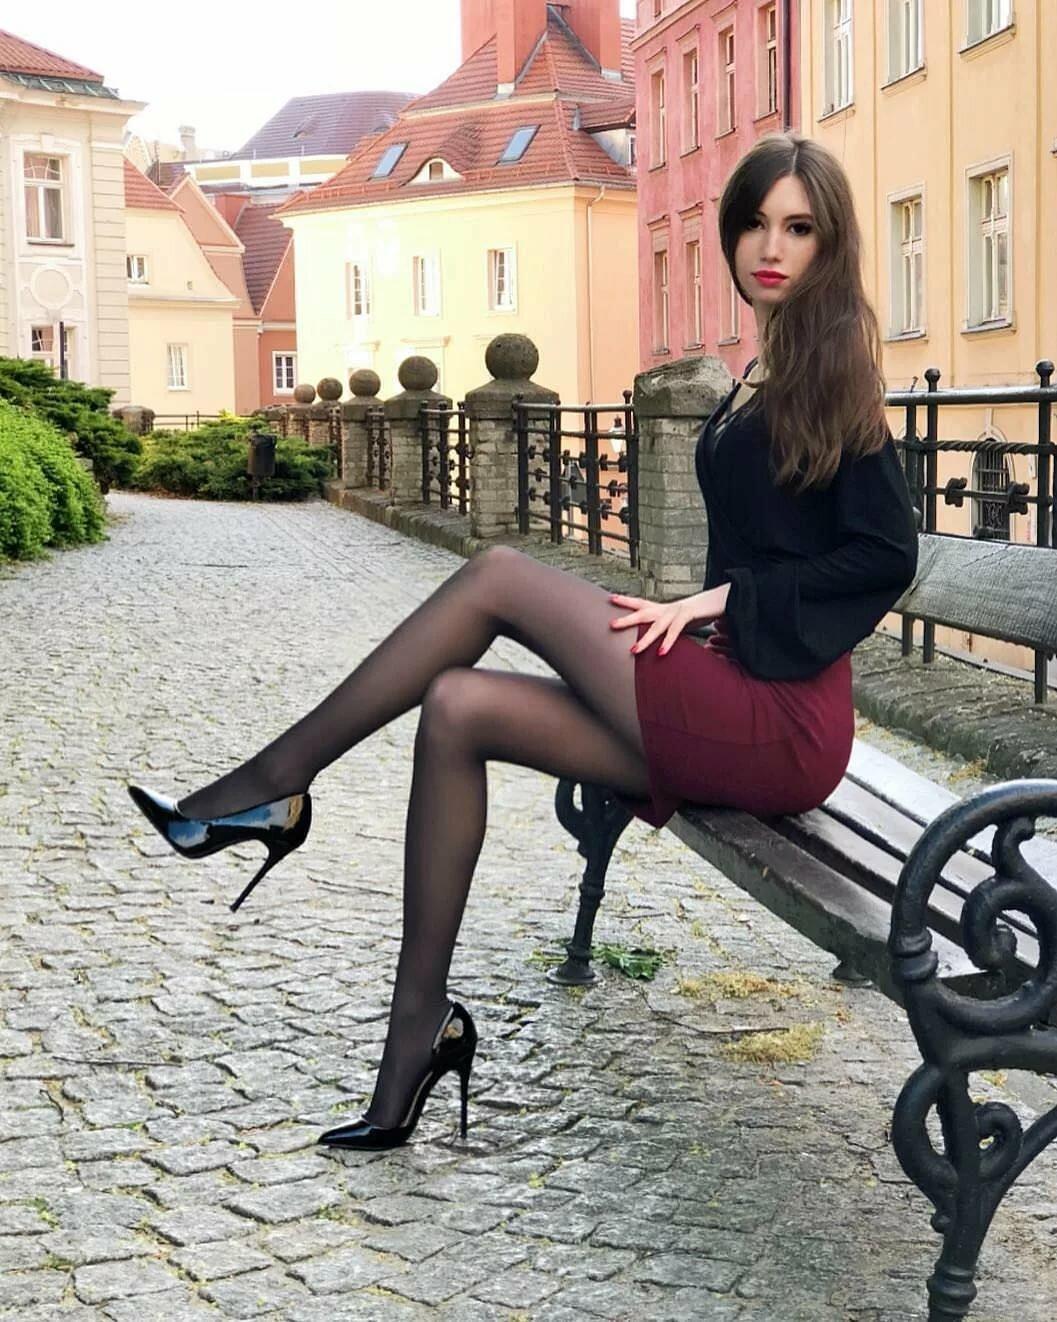 база скромницу в черных чулках онлайн фото